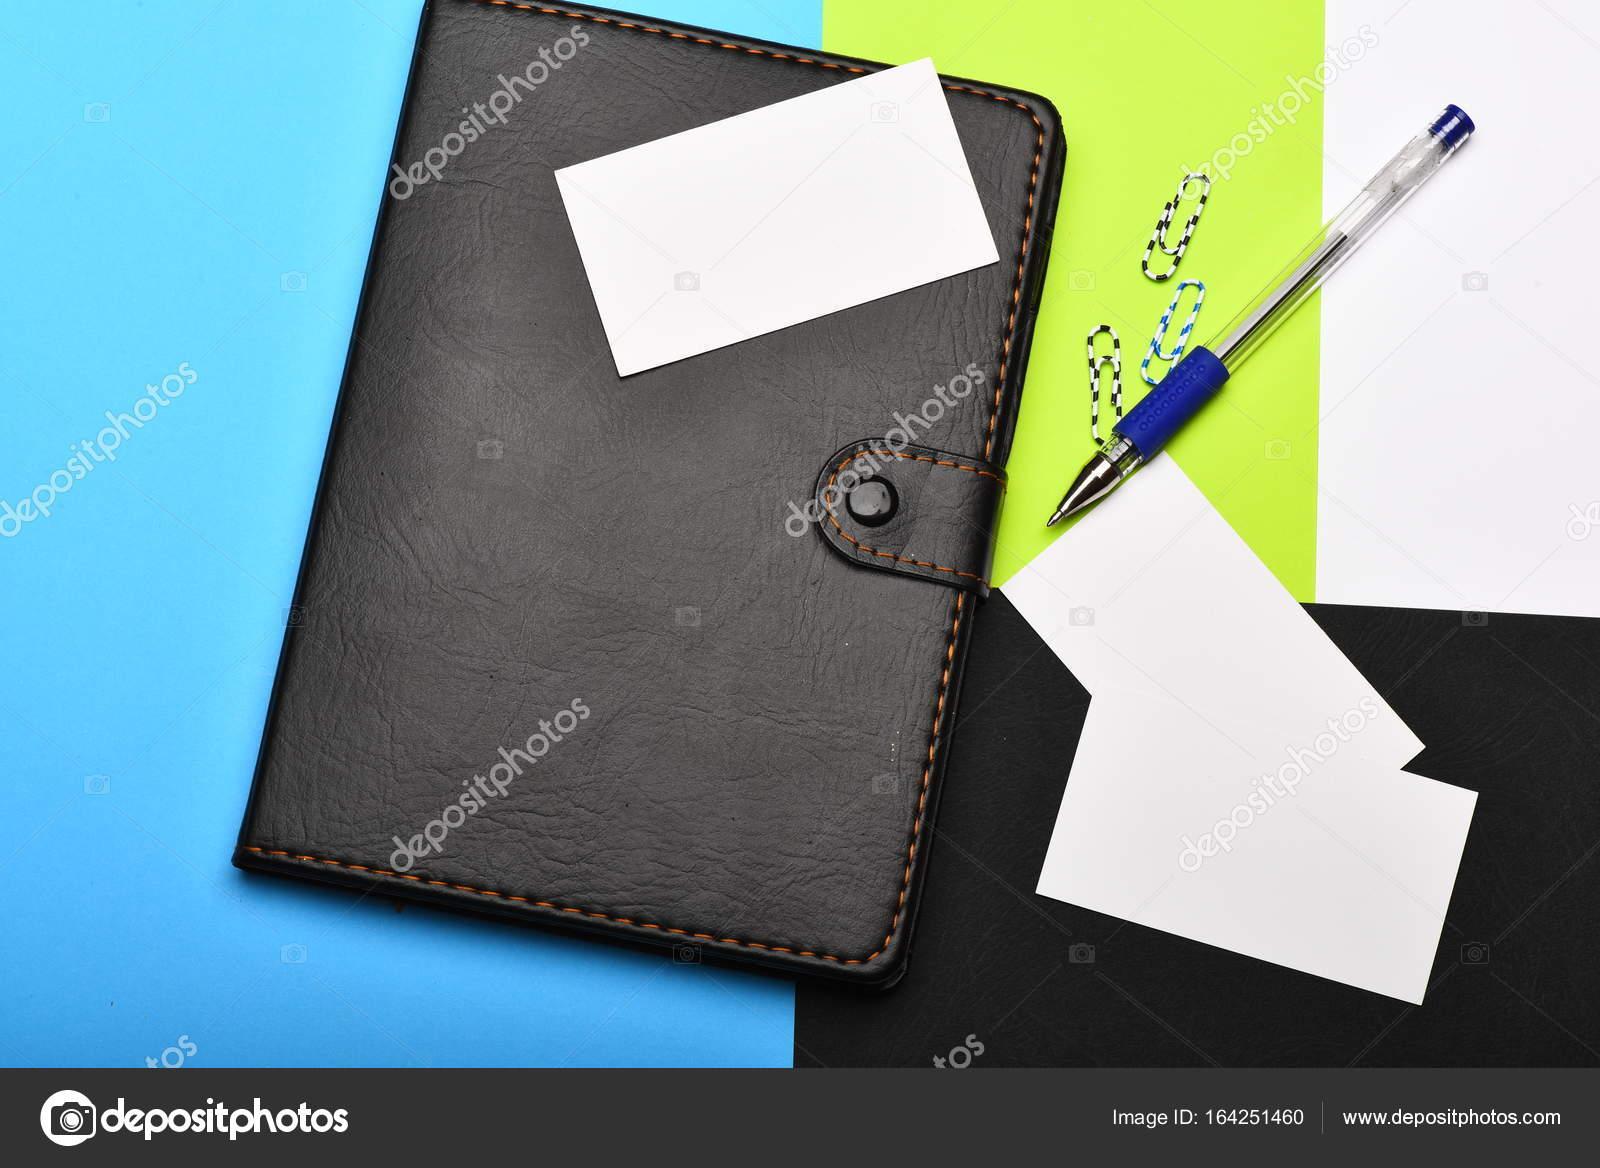 Notizbuch Stift Leere Visitenkarten Und Clips Auf Bunten